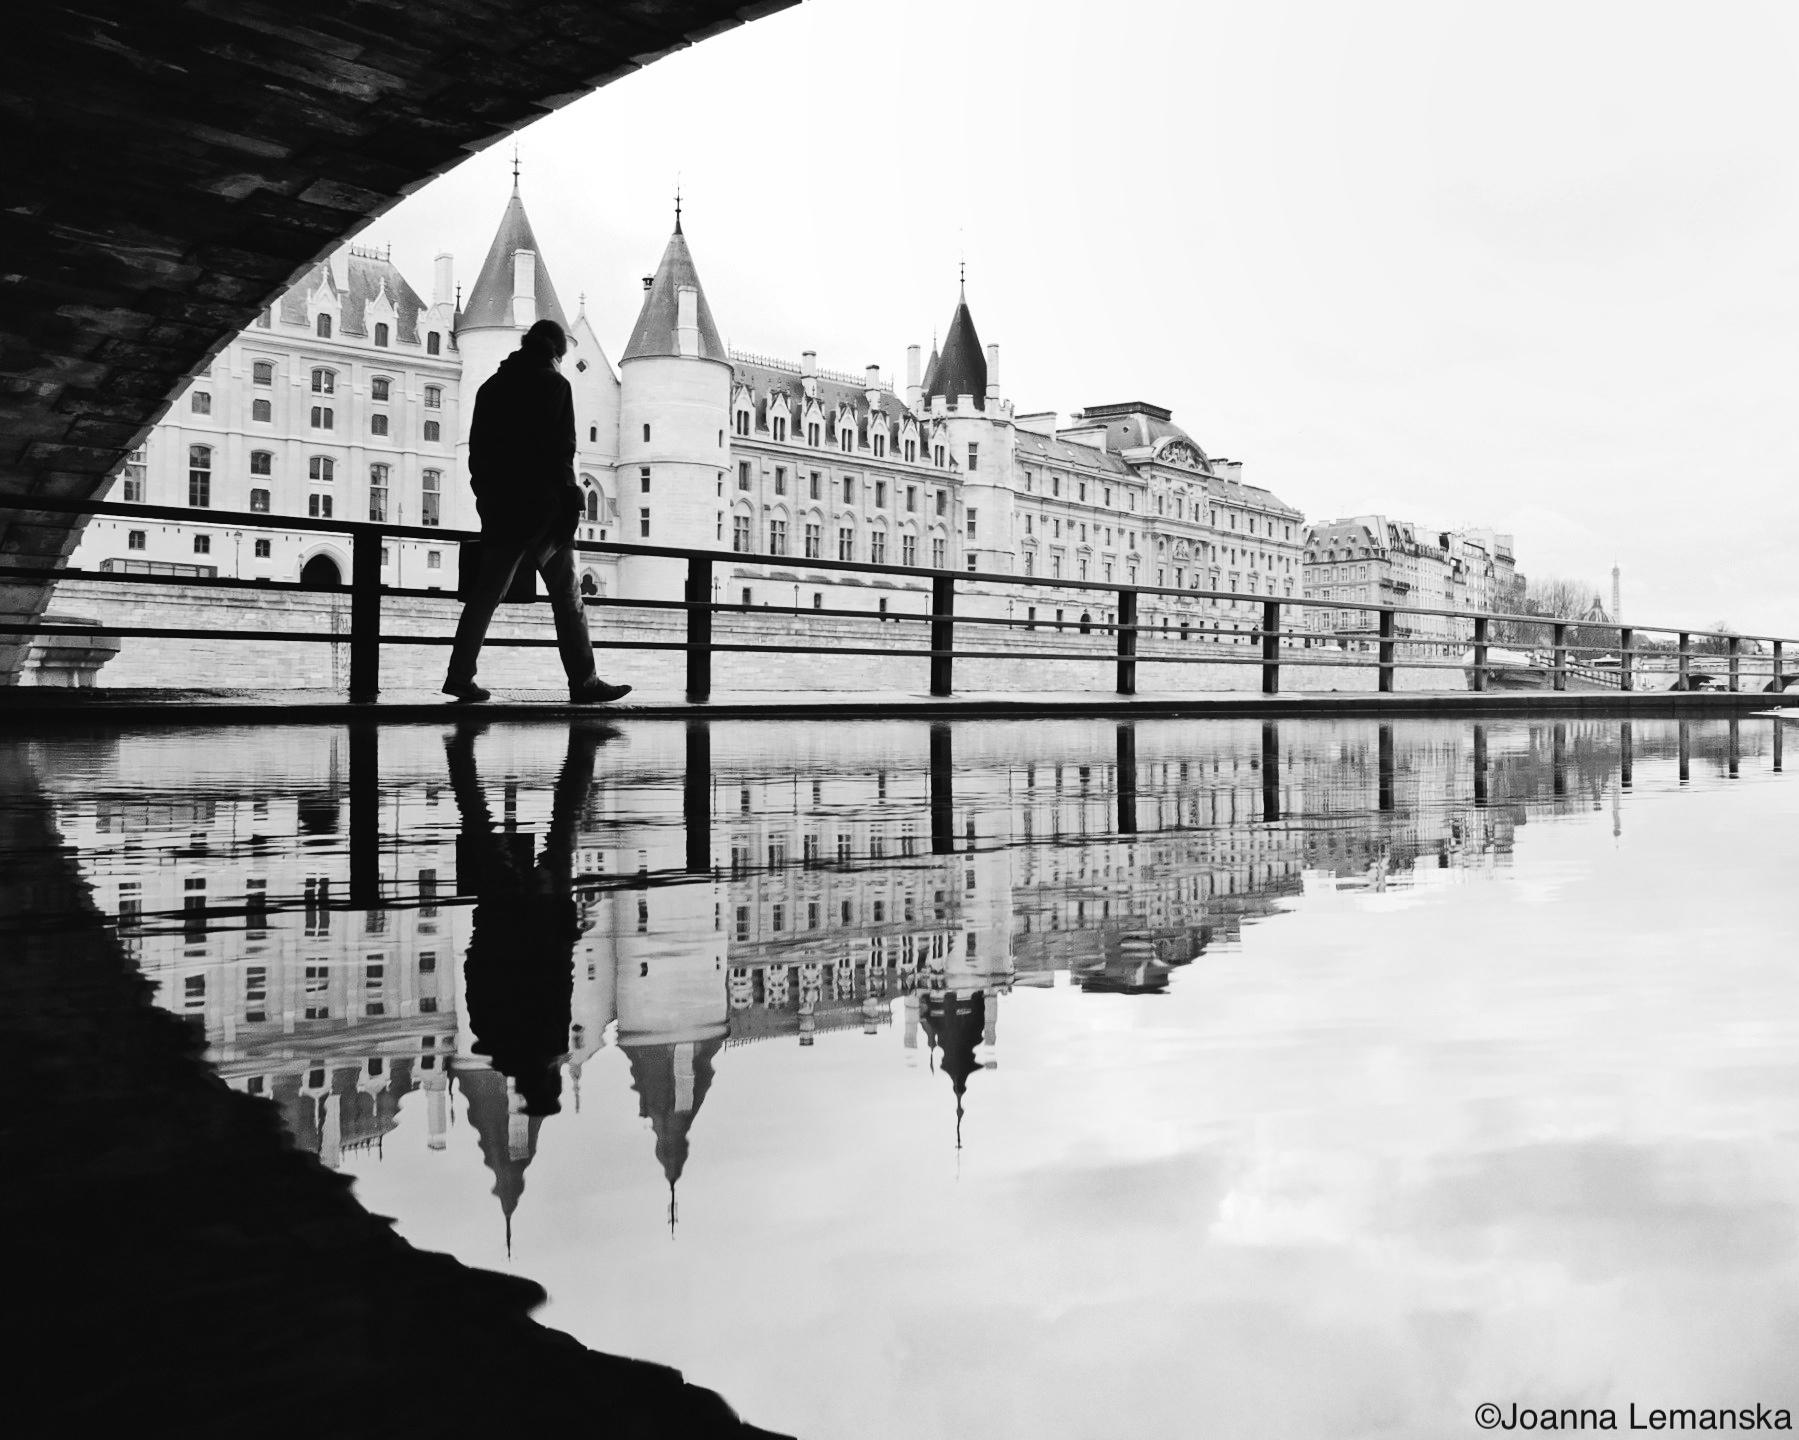 La_Conciergerie